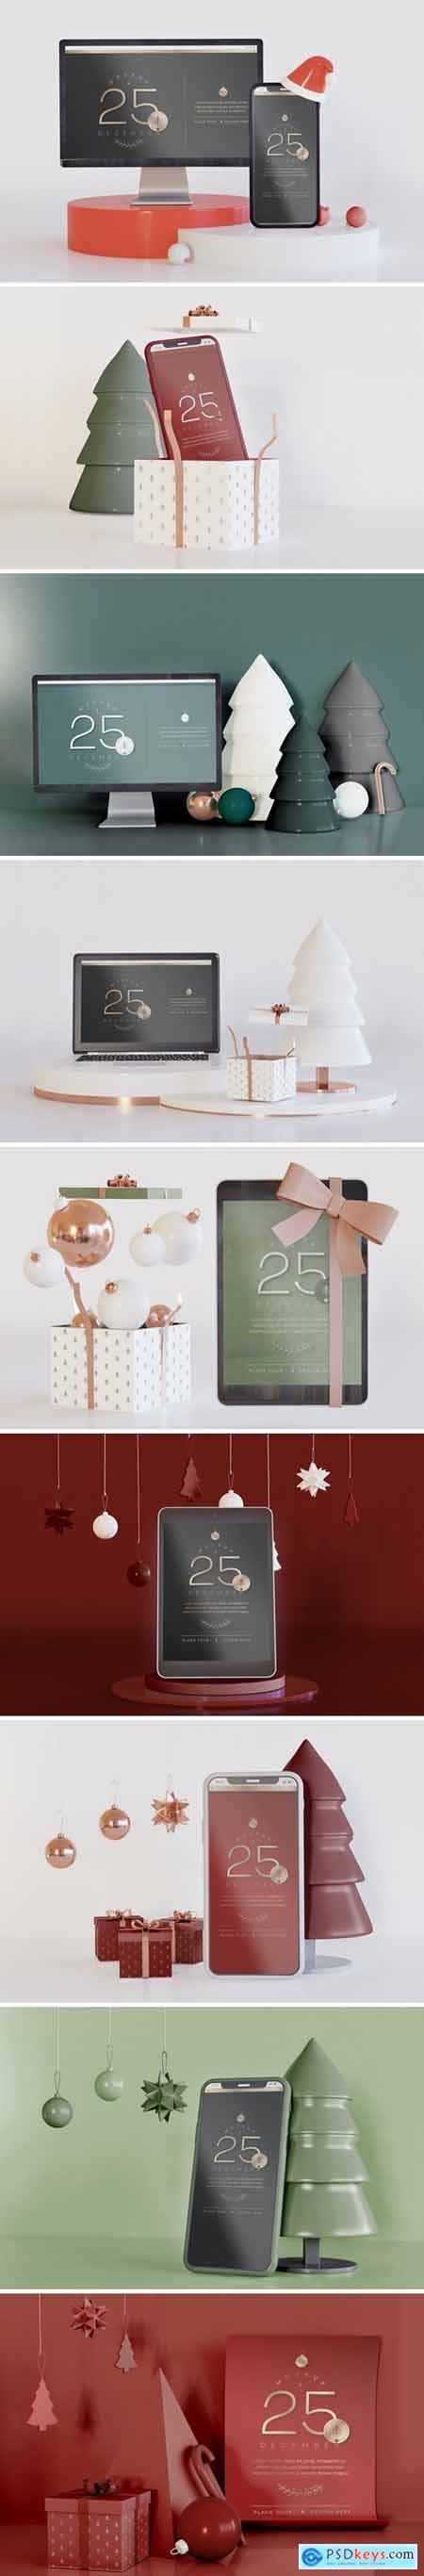 Mockup of Christmas Concept